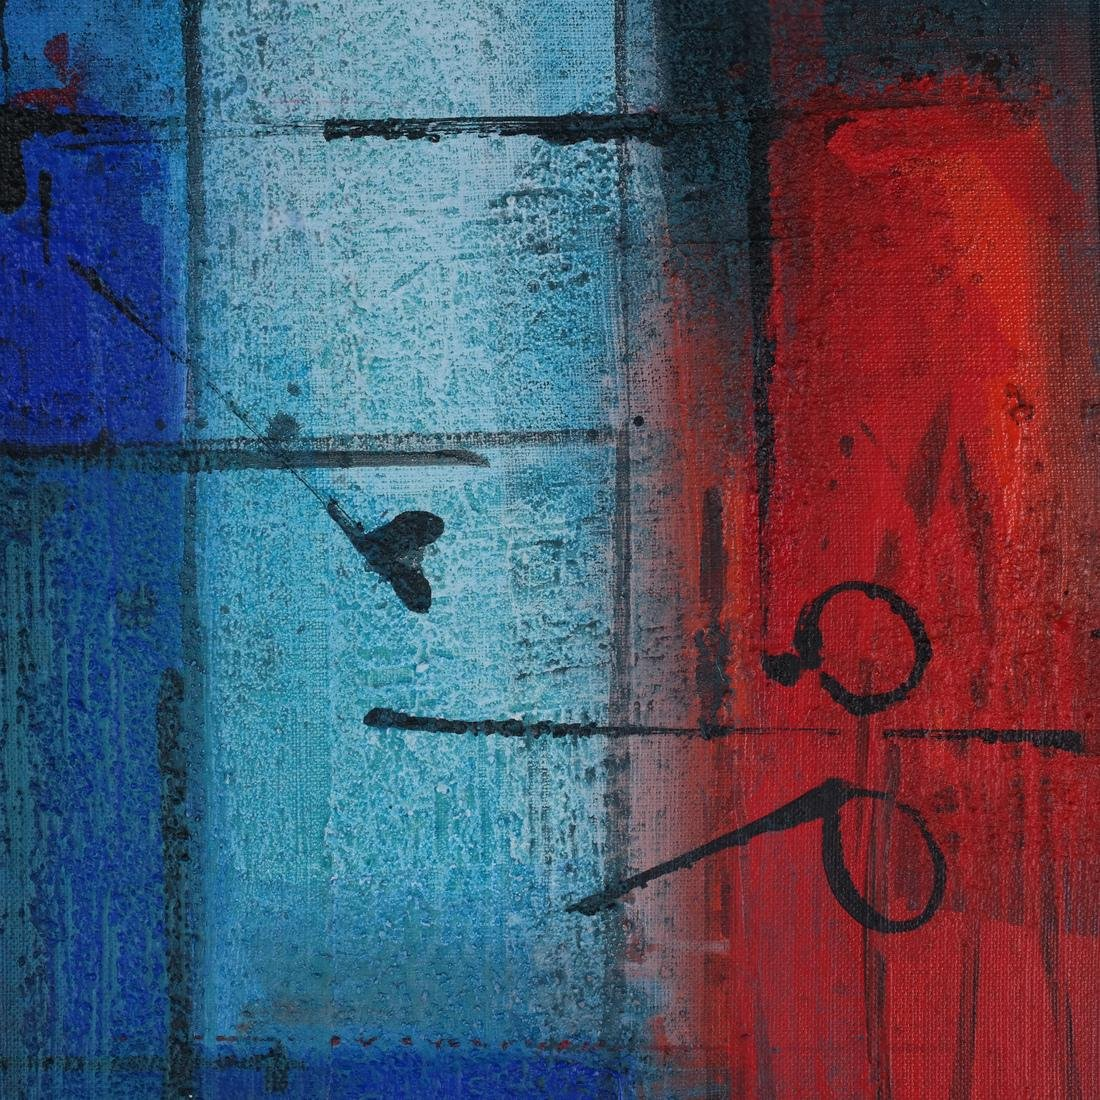 Antonio Carreño: Blue Cycle I, 2004 - 4